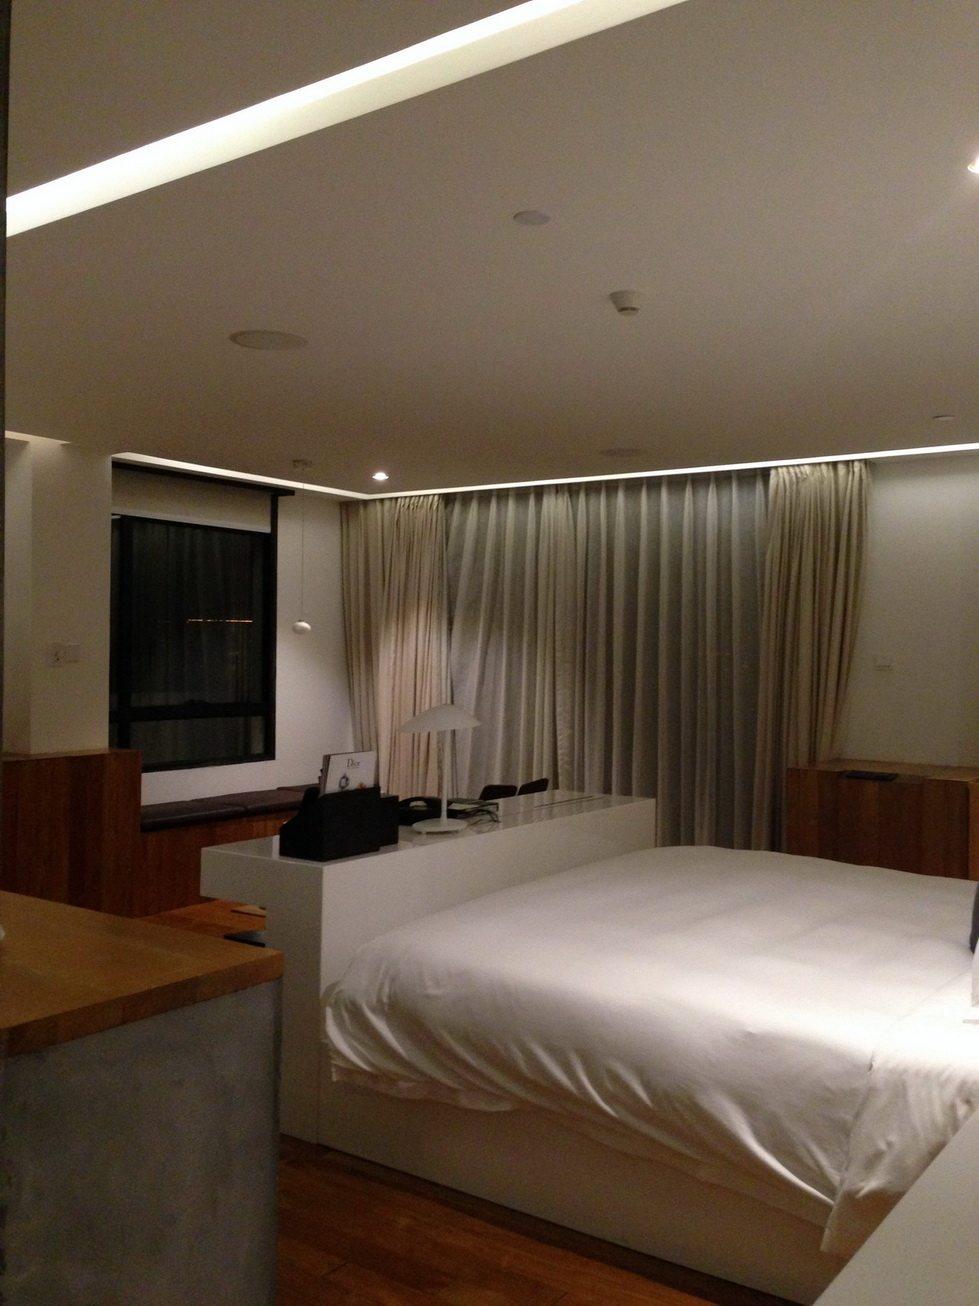 厦门乐雅无垠酒店Hotel Wind自拍 分享_IMG_2559.JPG